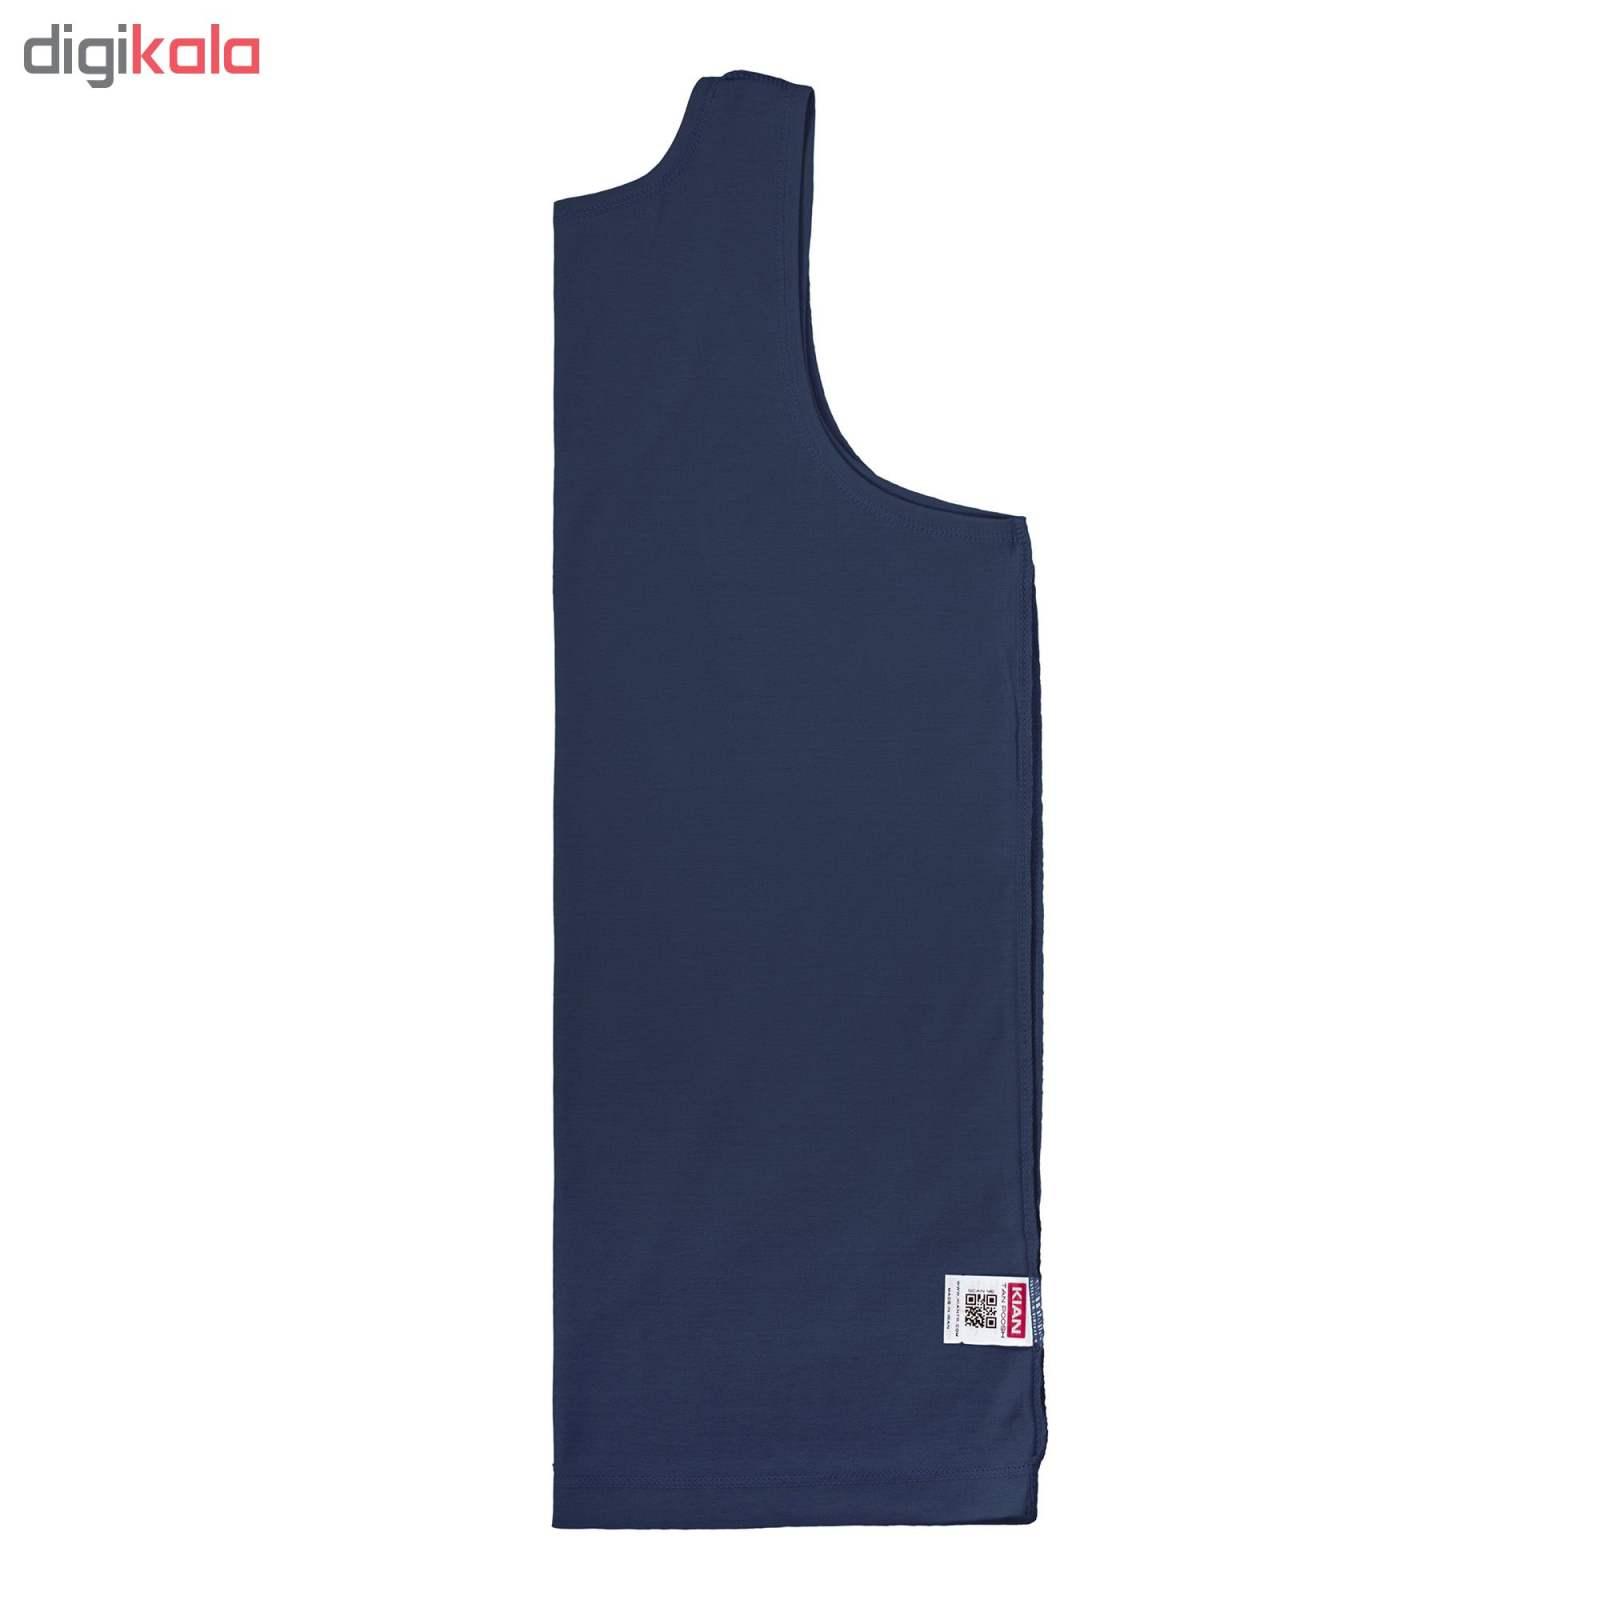 زیرپوش مردانه کیان تن پوش مدل A Shirt Classic BN main 1 4